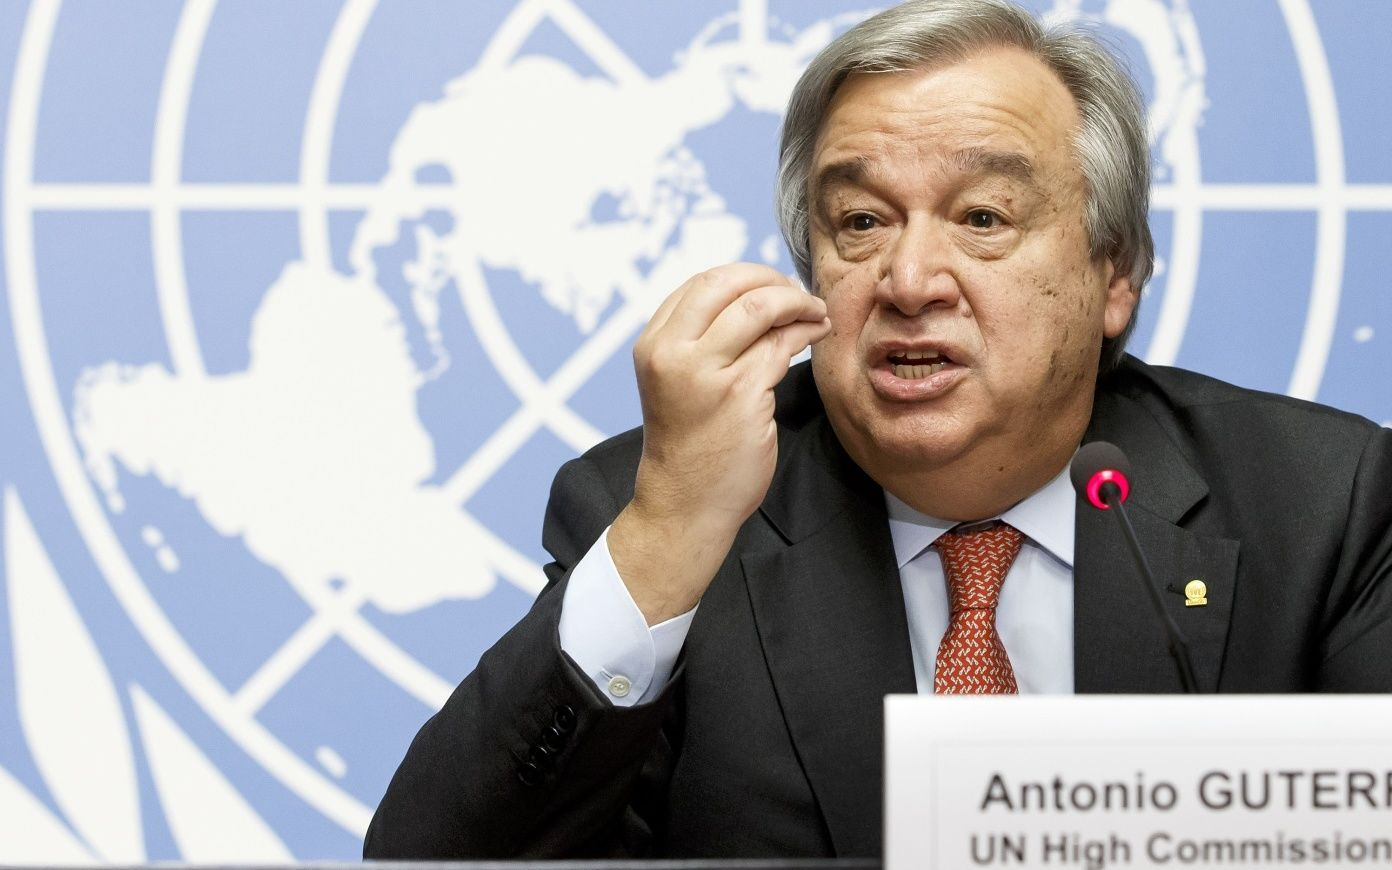 За десять лет работы Верховным комиссаром ООН по делам беженцев Антониу Гуттериш стал известен как харизматичный оратор. Источник https://novayagazeta.ru/